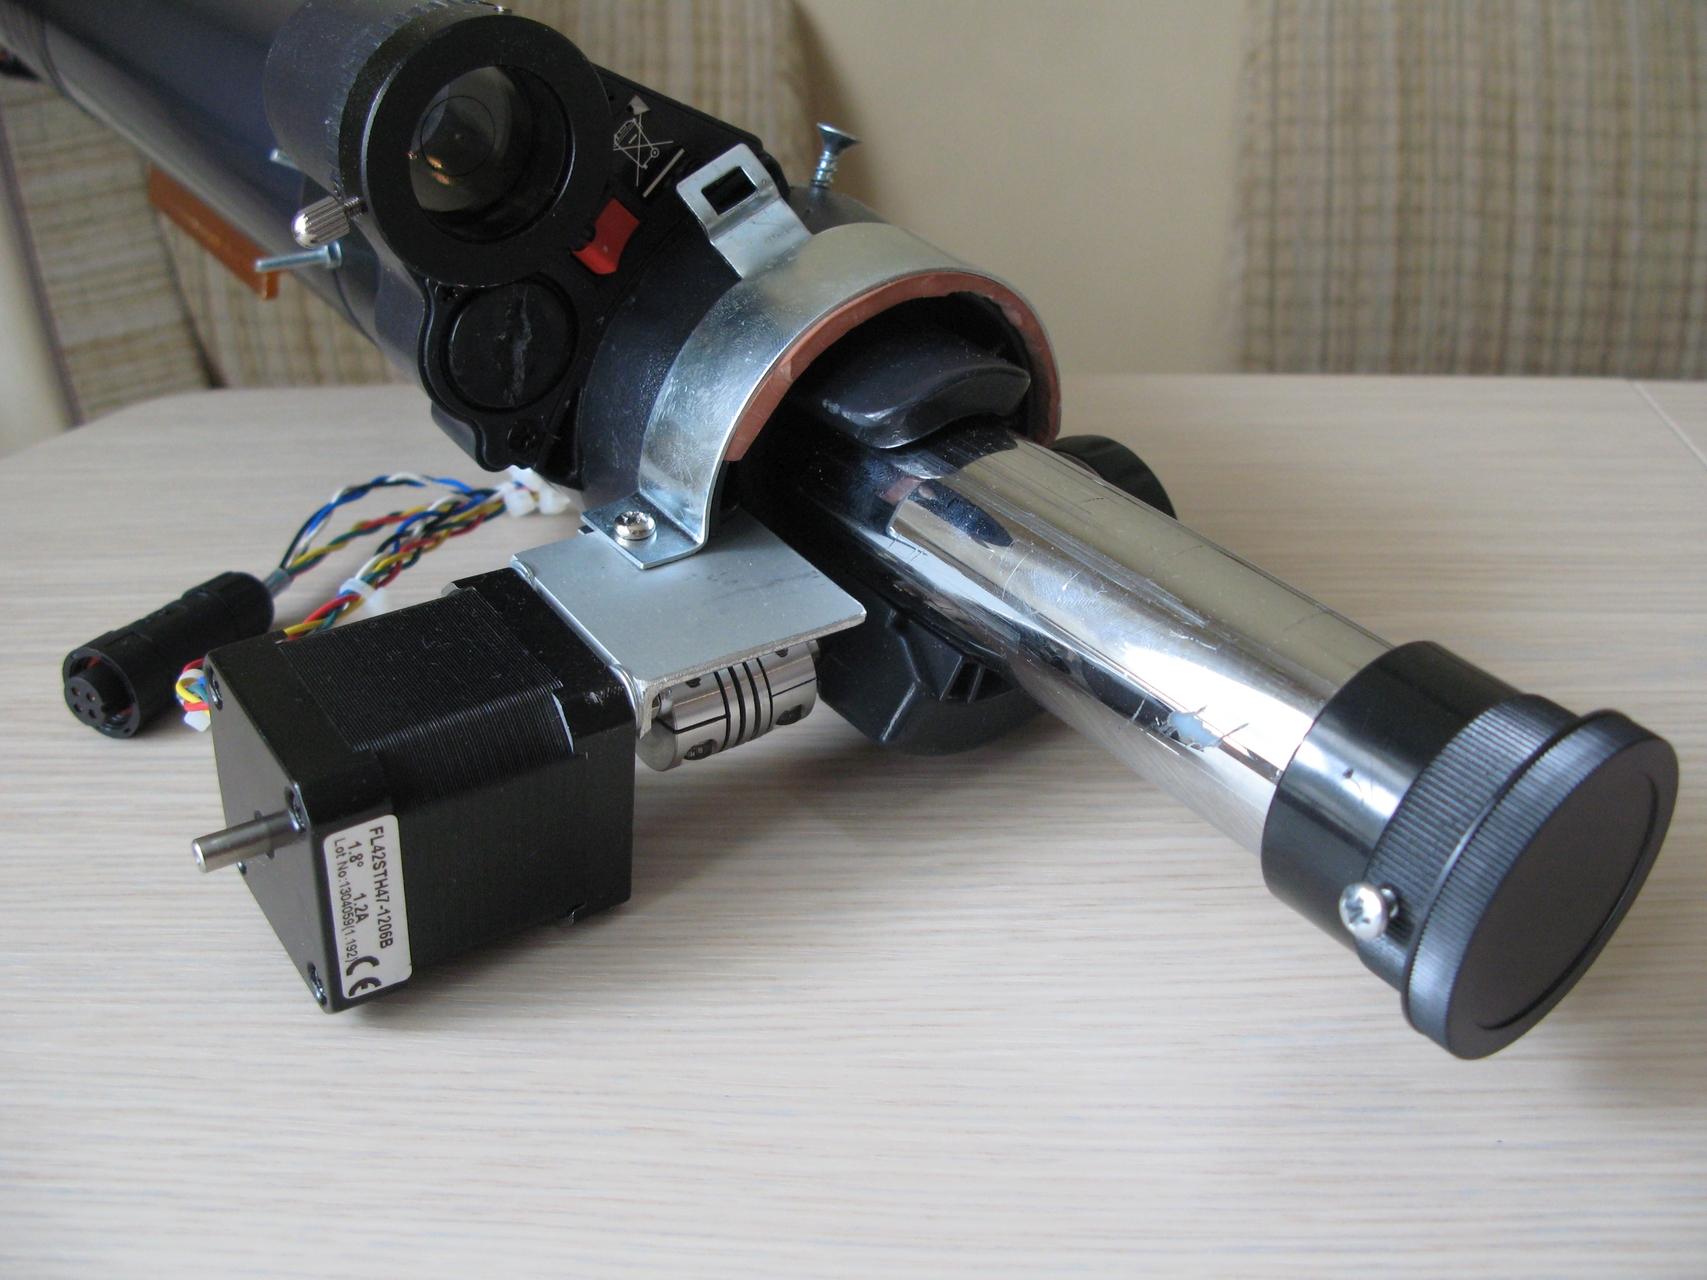 Разработка Электрофокусера на базе отладочной платы Arduino Uno, часть 1 - 1